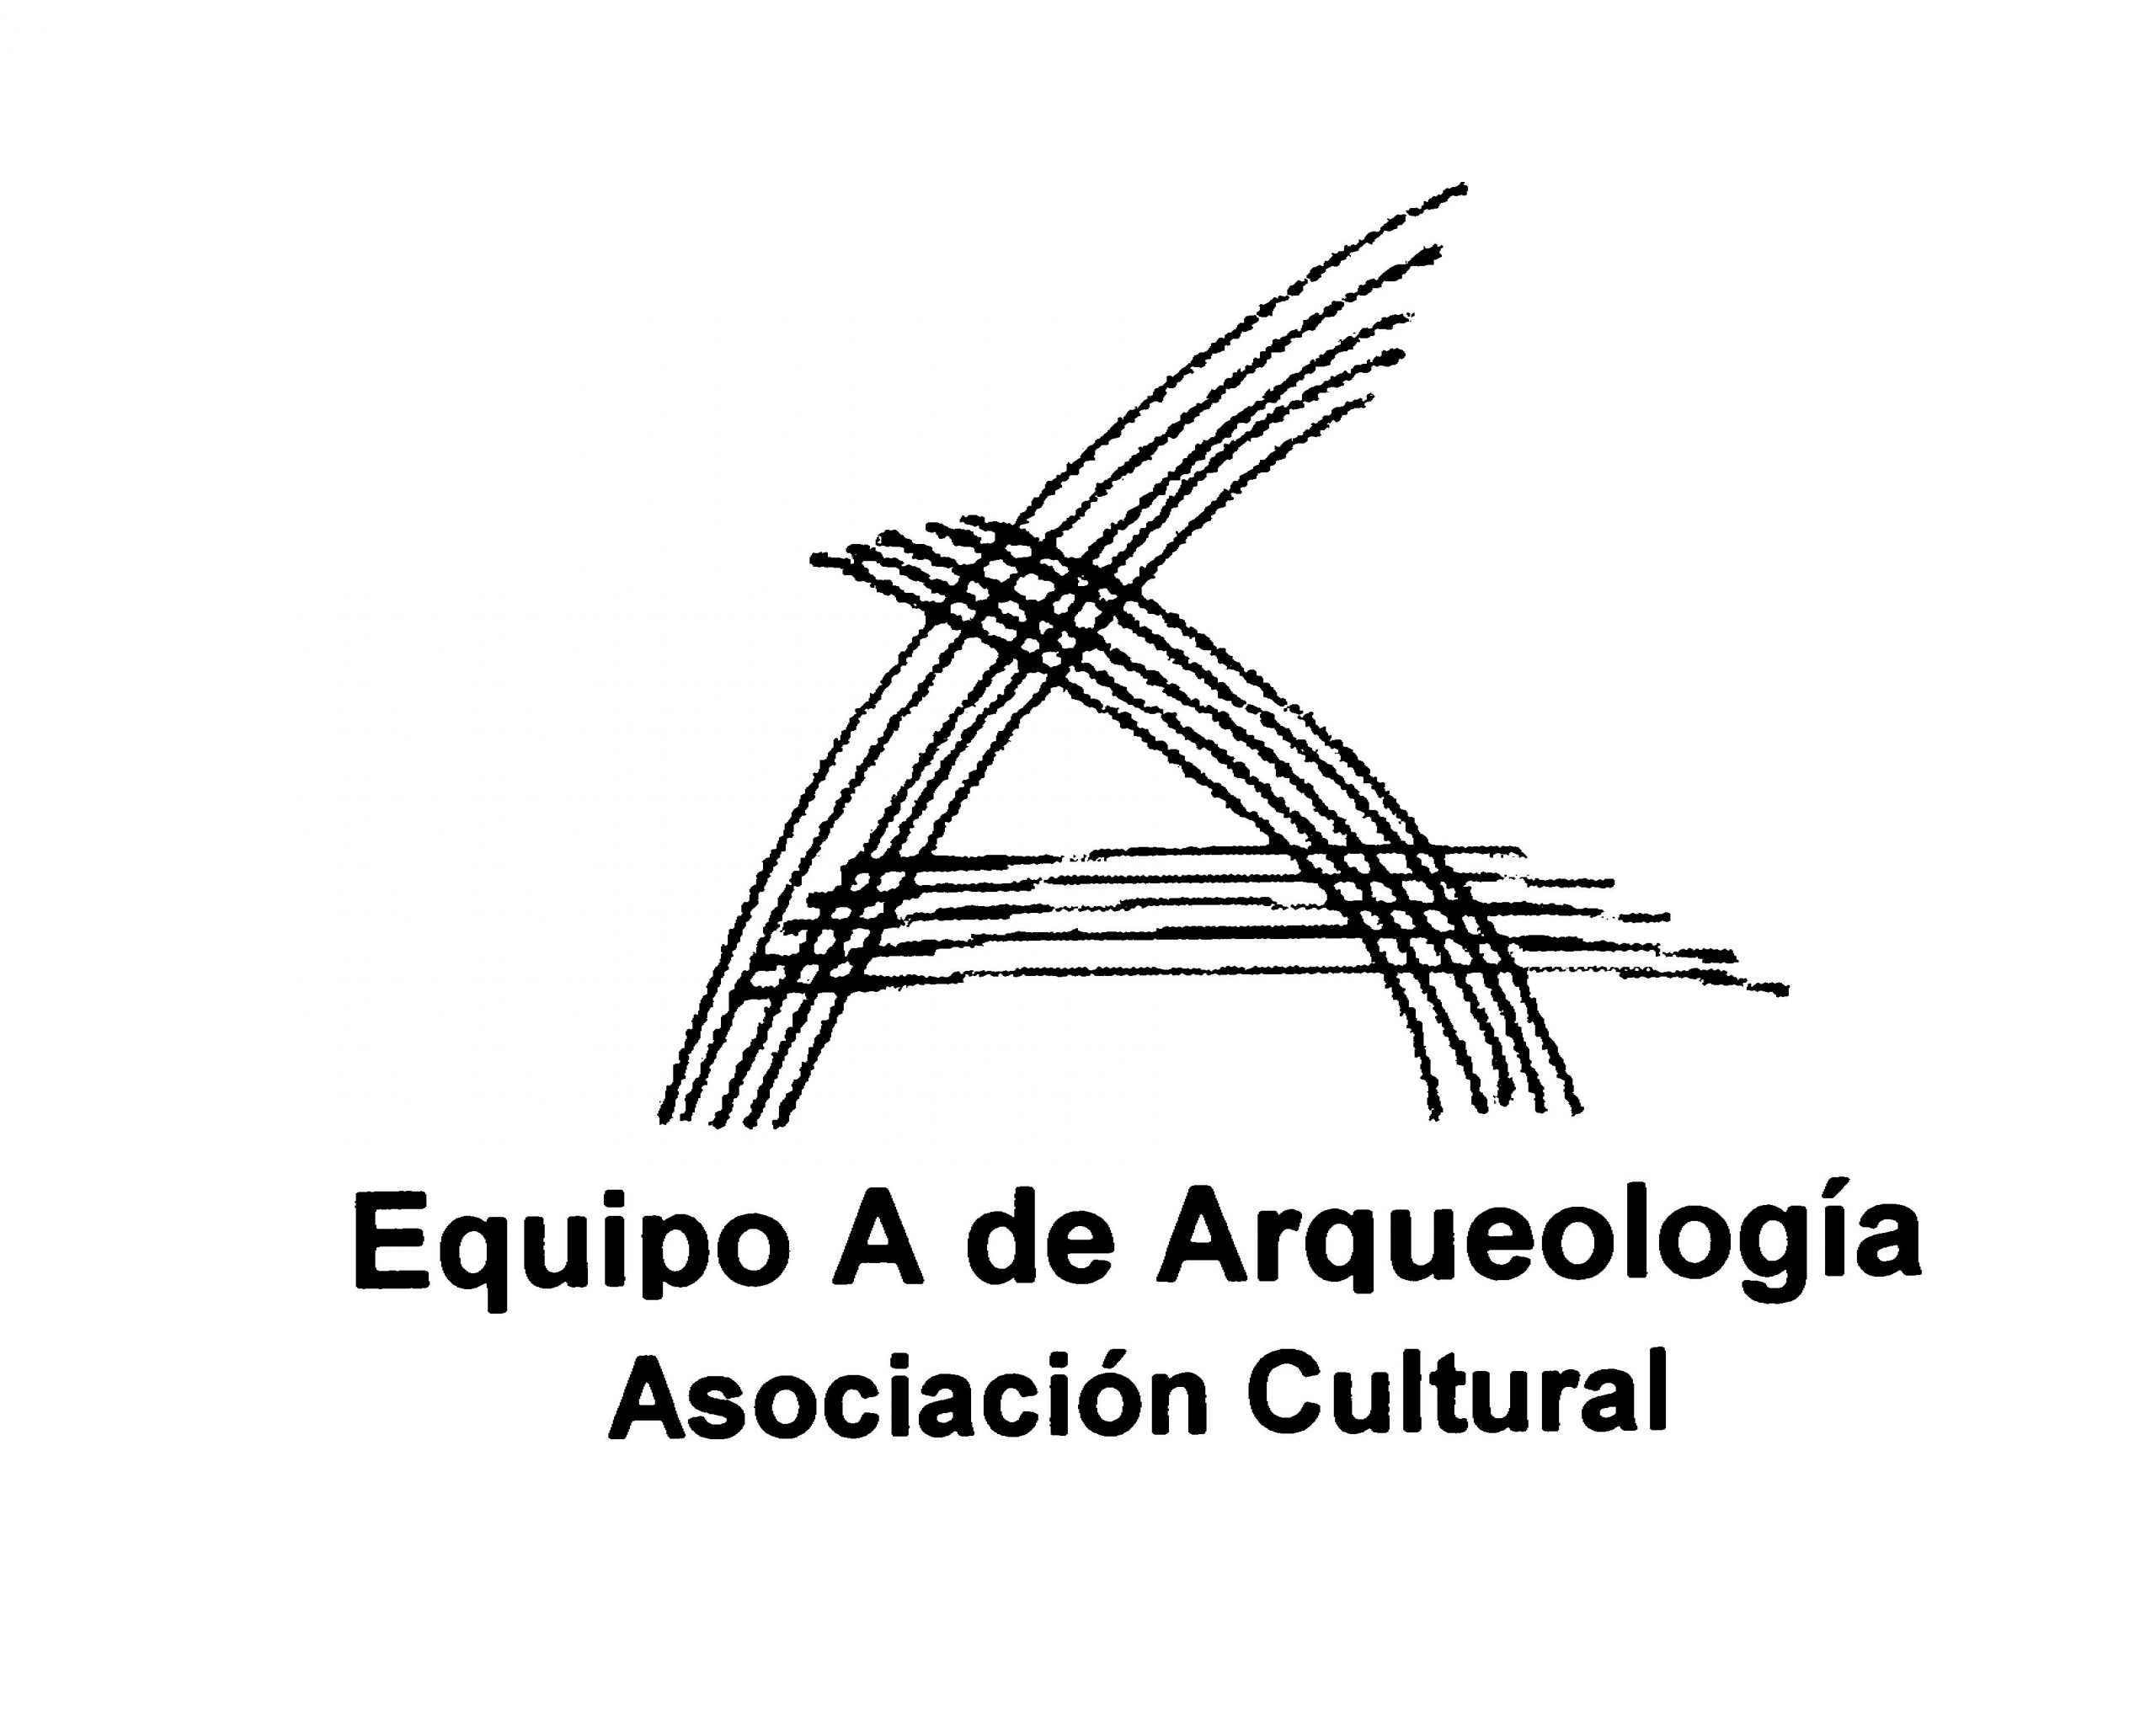 LOGO A. C. EQUIPO A DE ARQUEOLOGIA